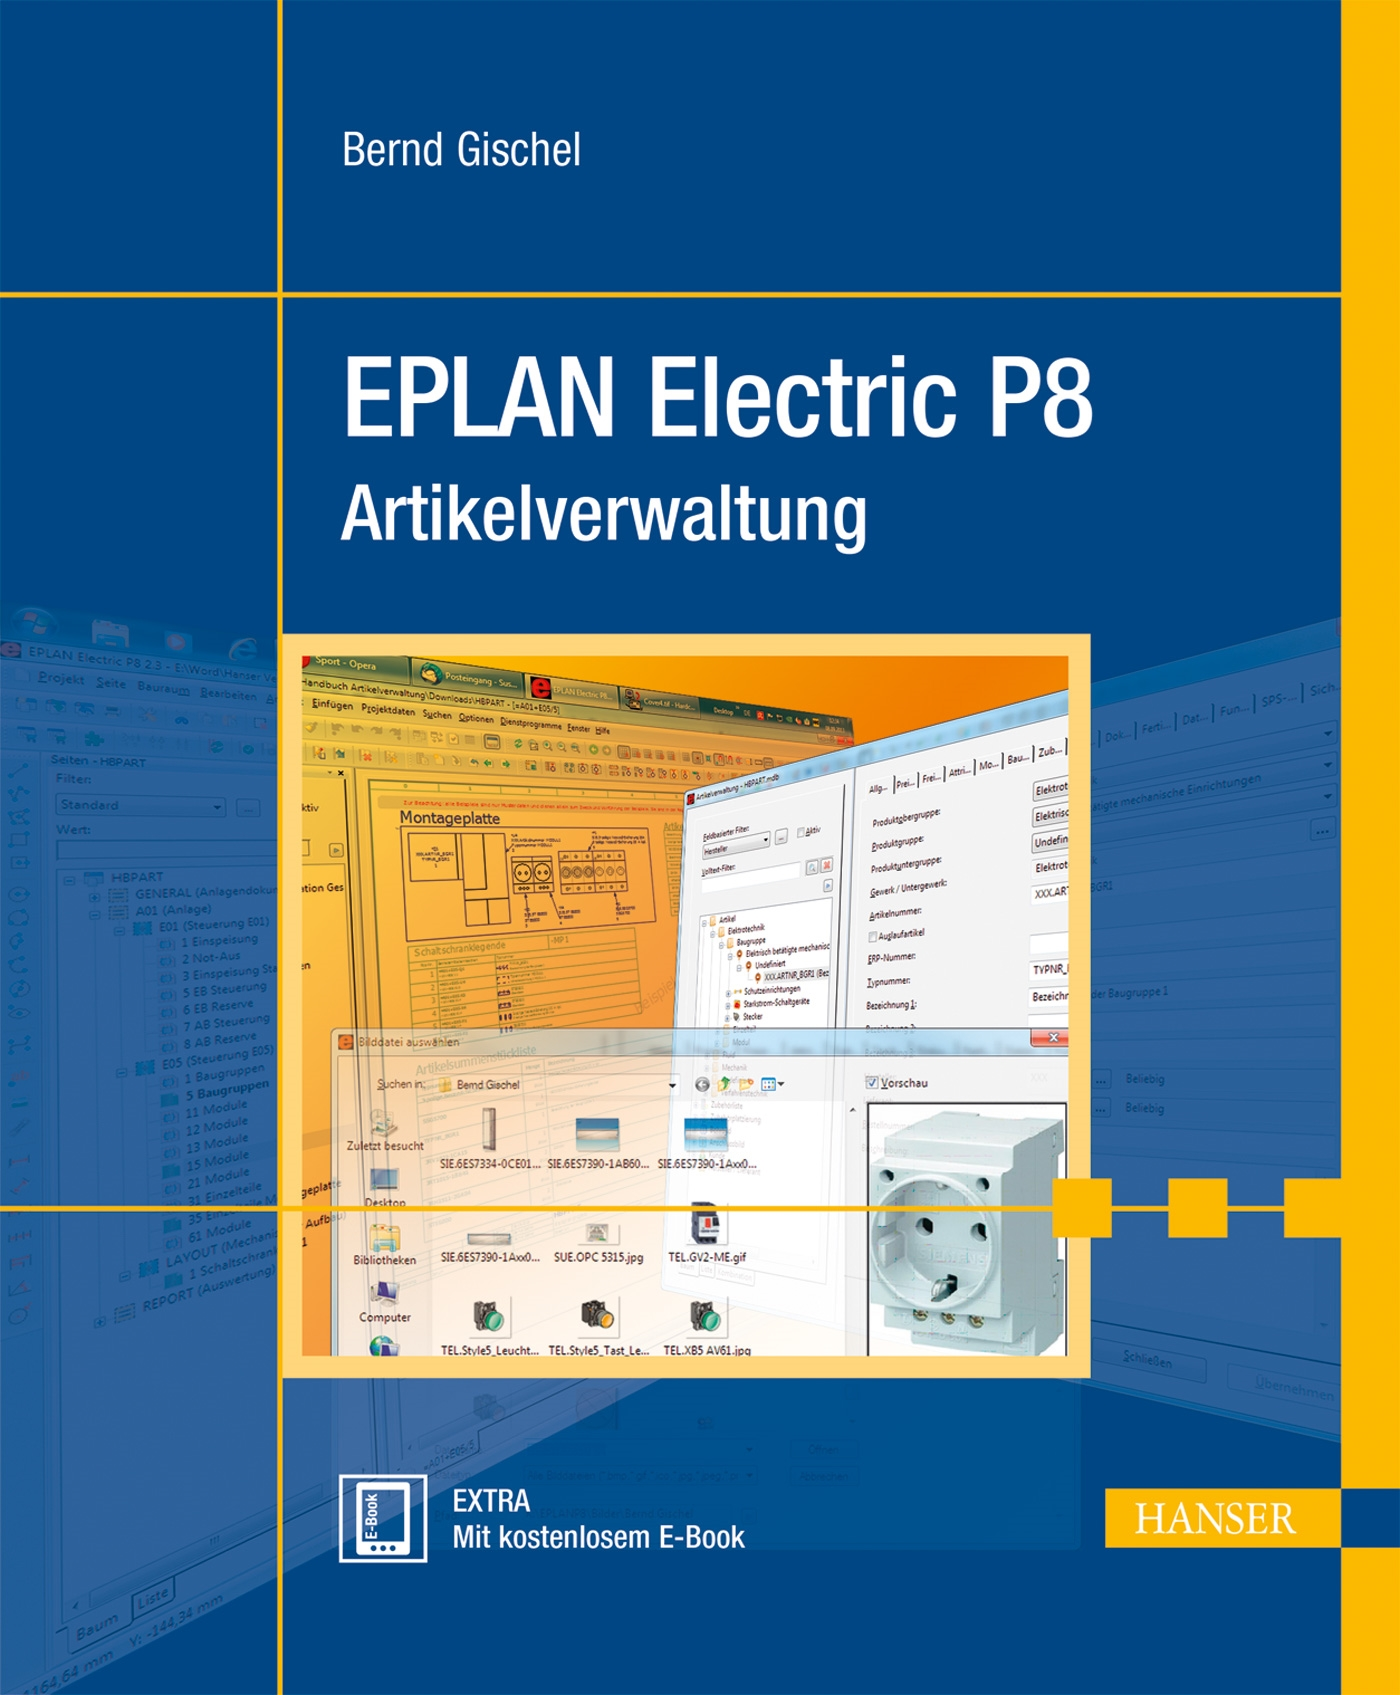 EPLAN Electric P8 Artikelverwaltung - Hanser Fachbuch